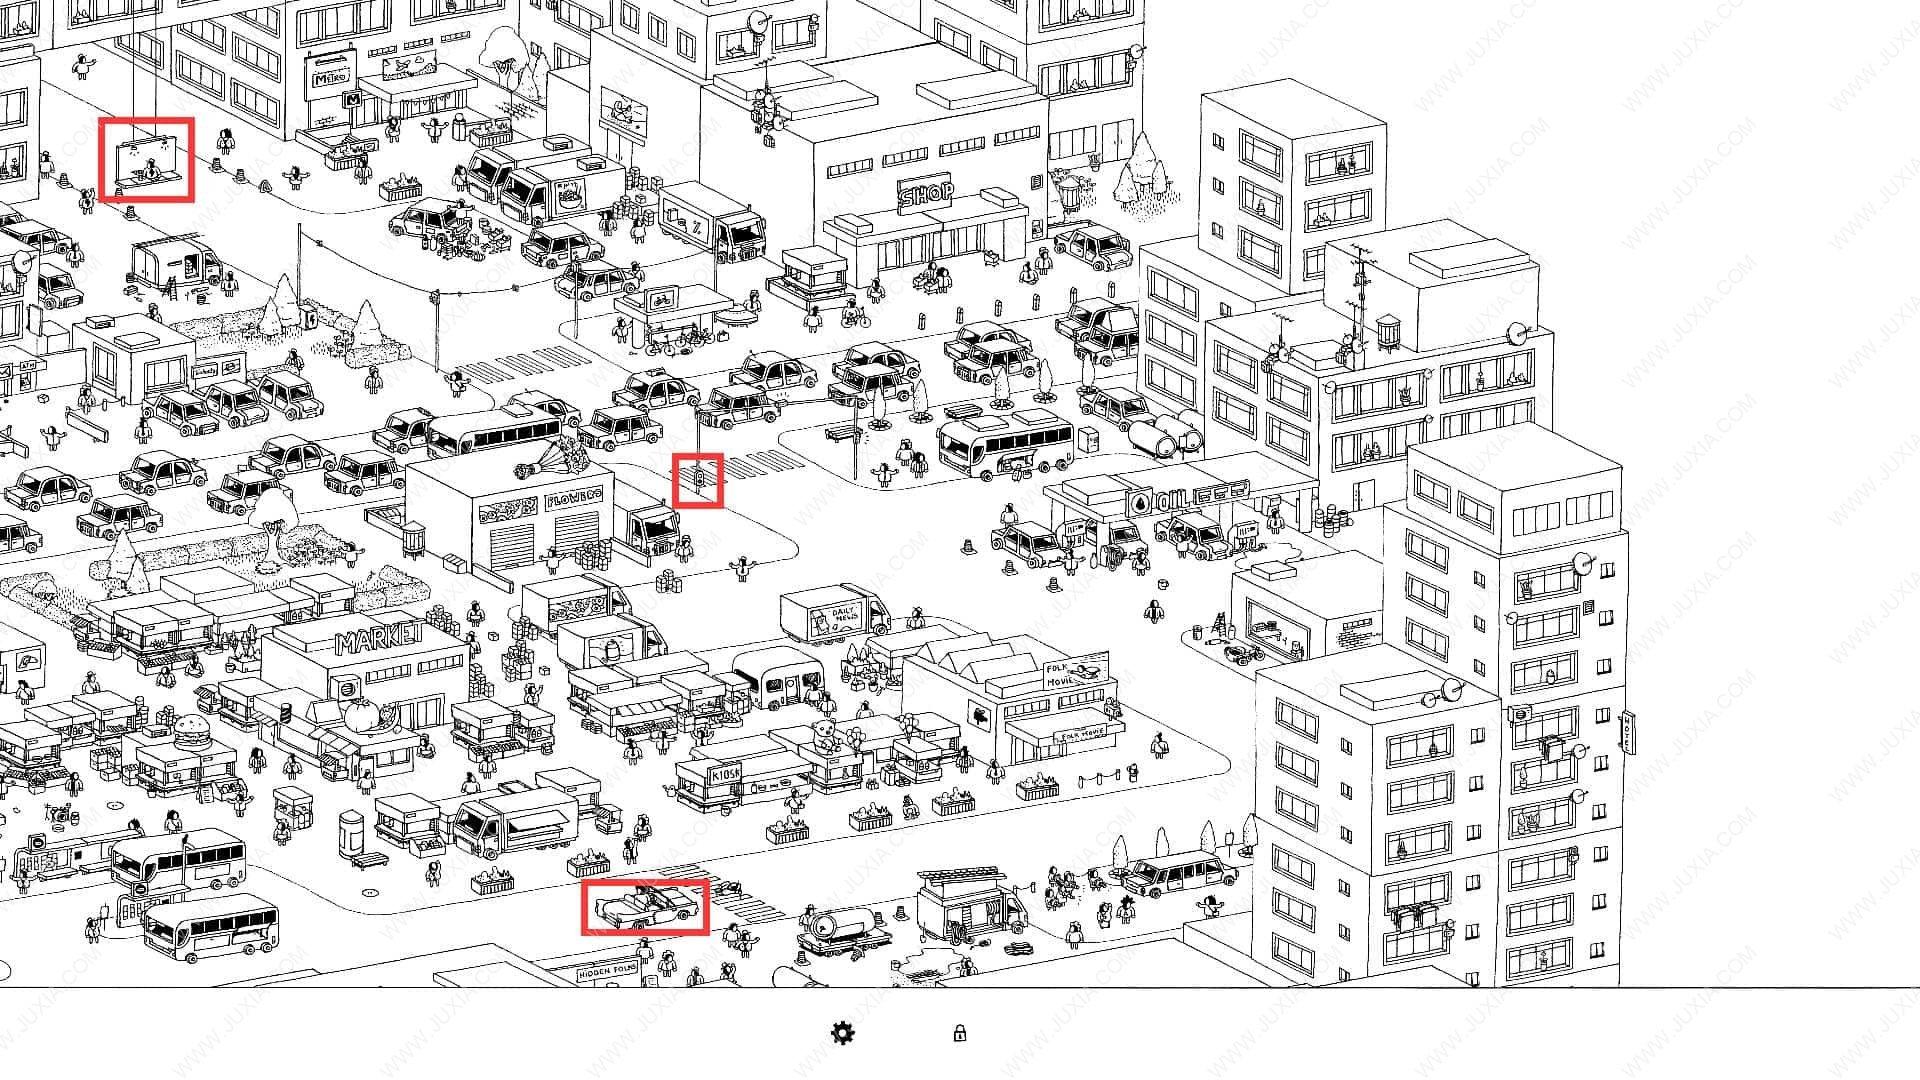 隐藏的家伙攻略图文城市第5关 HiddenFolks图文攻略城市第五关